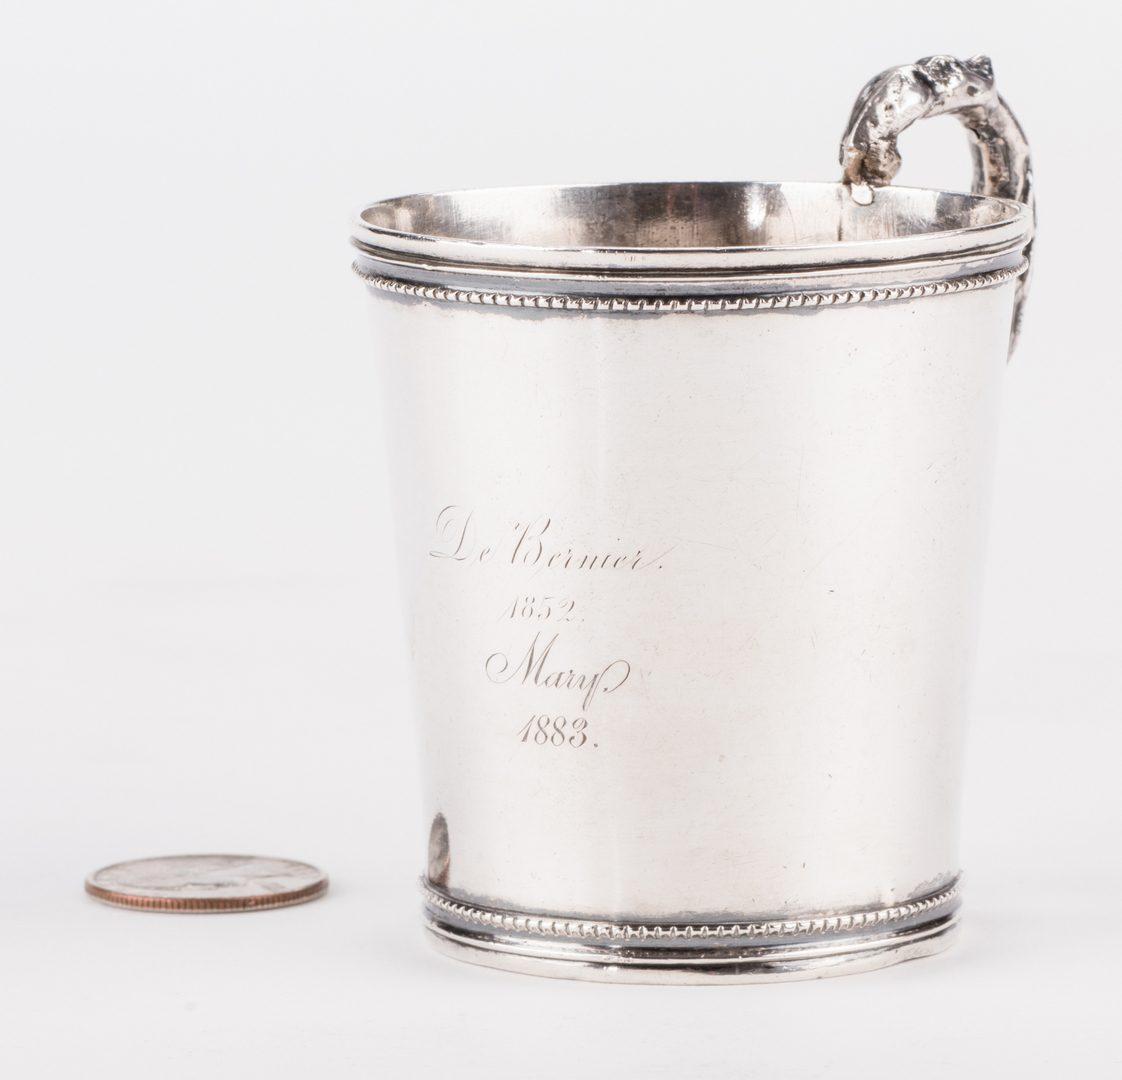 Lot 277: South Carolina Coin Silver Cup, Ewan